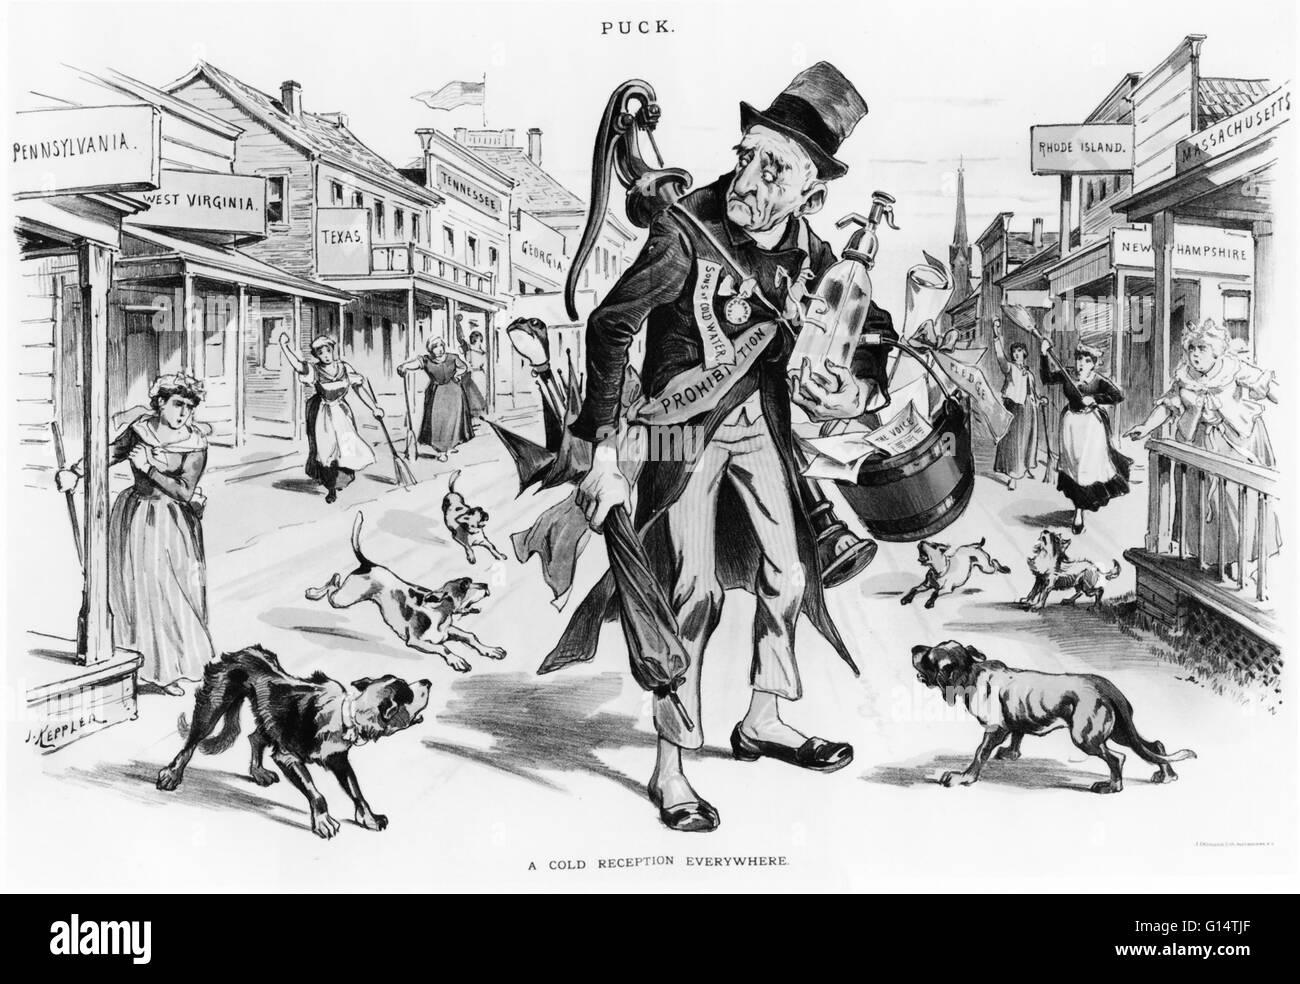 """Politische Karikatur zeigt Greis Verbot erhalten """"einen kalten Empfang überall."""" Stockbild"""